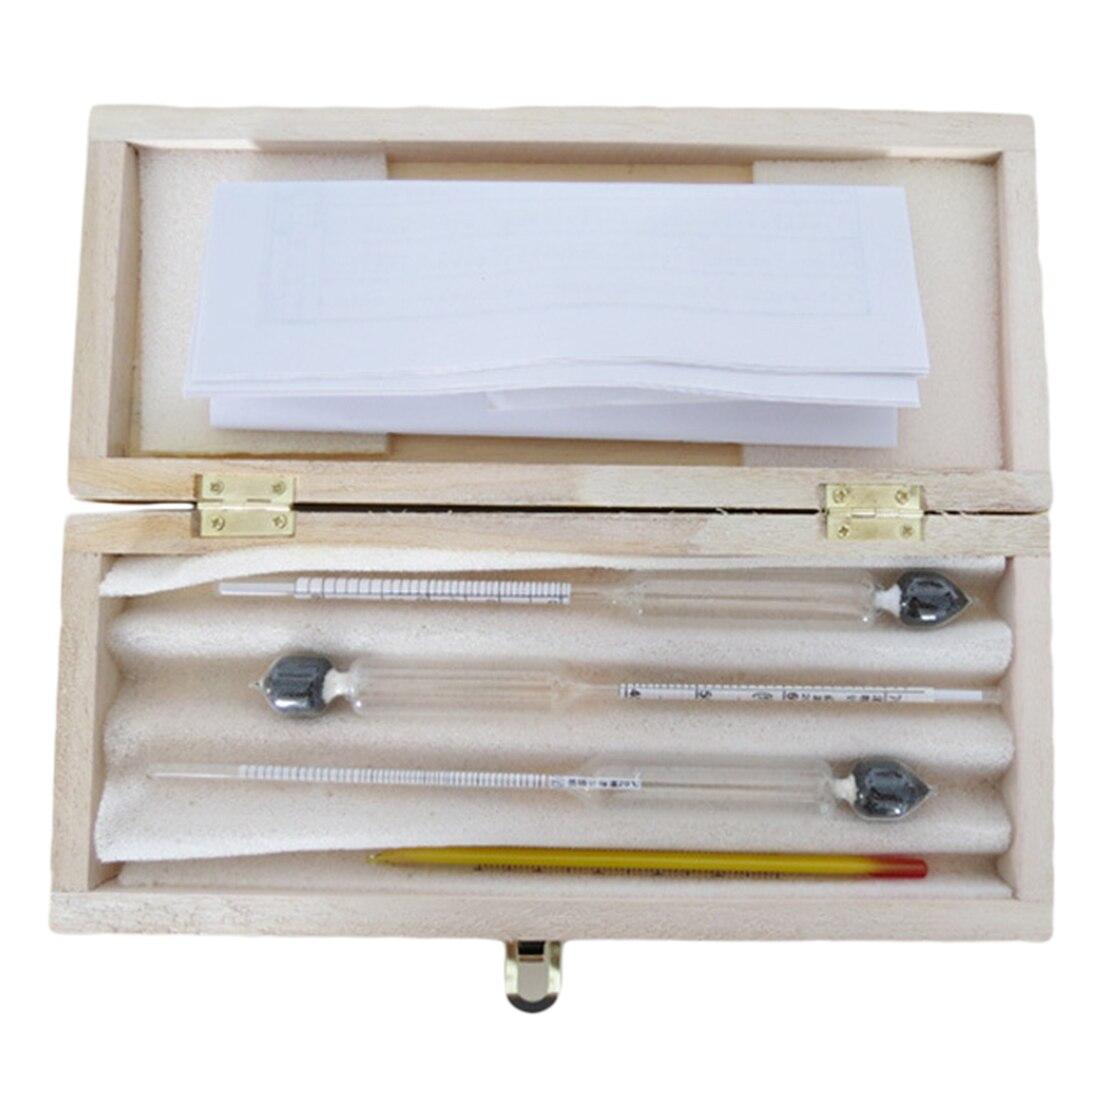 3 unids/set alcoholímetro medidor de Alcohol de vino de concentración de Alcohol herramienta de medición instrumento hidrómetro de